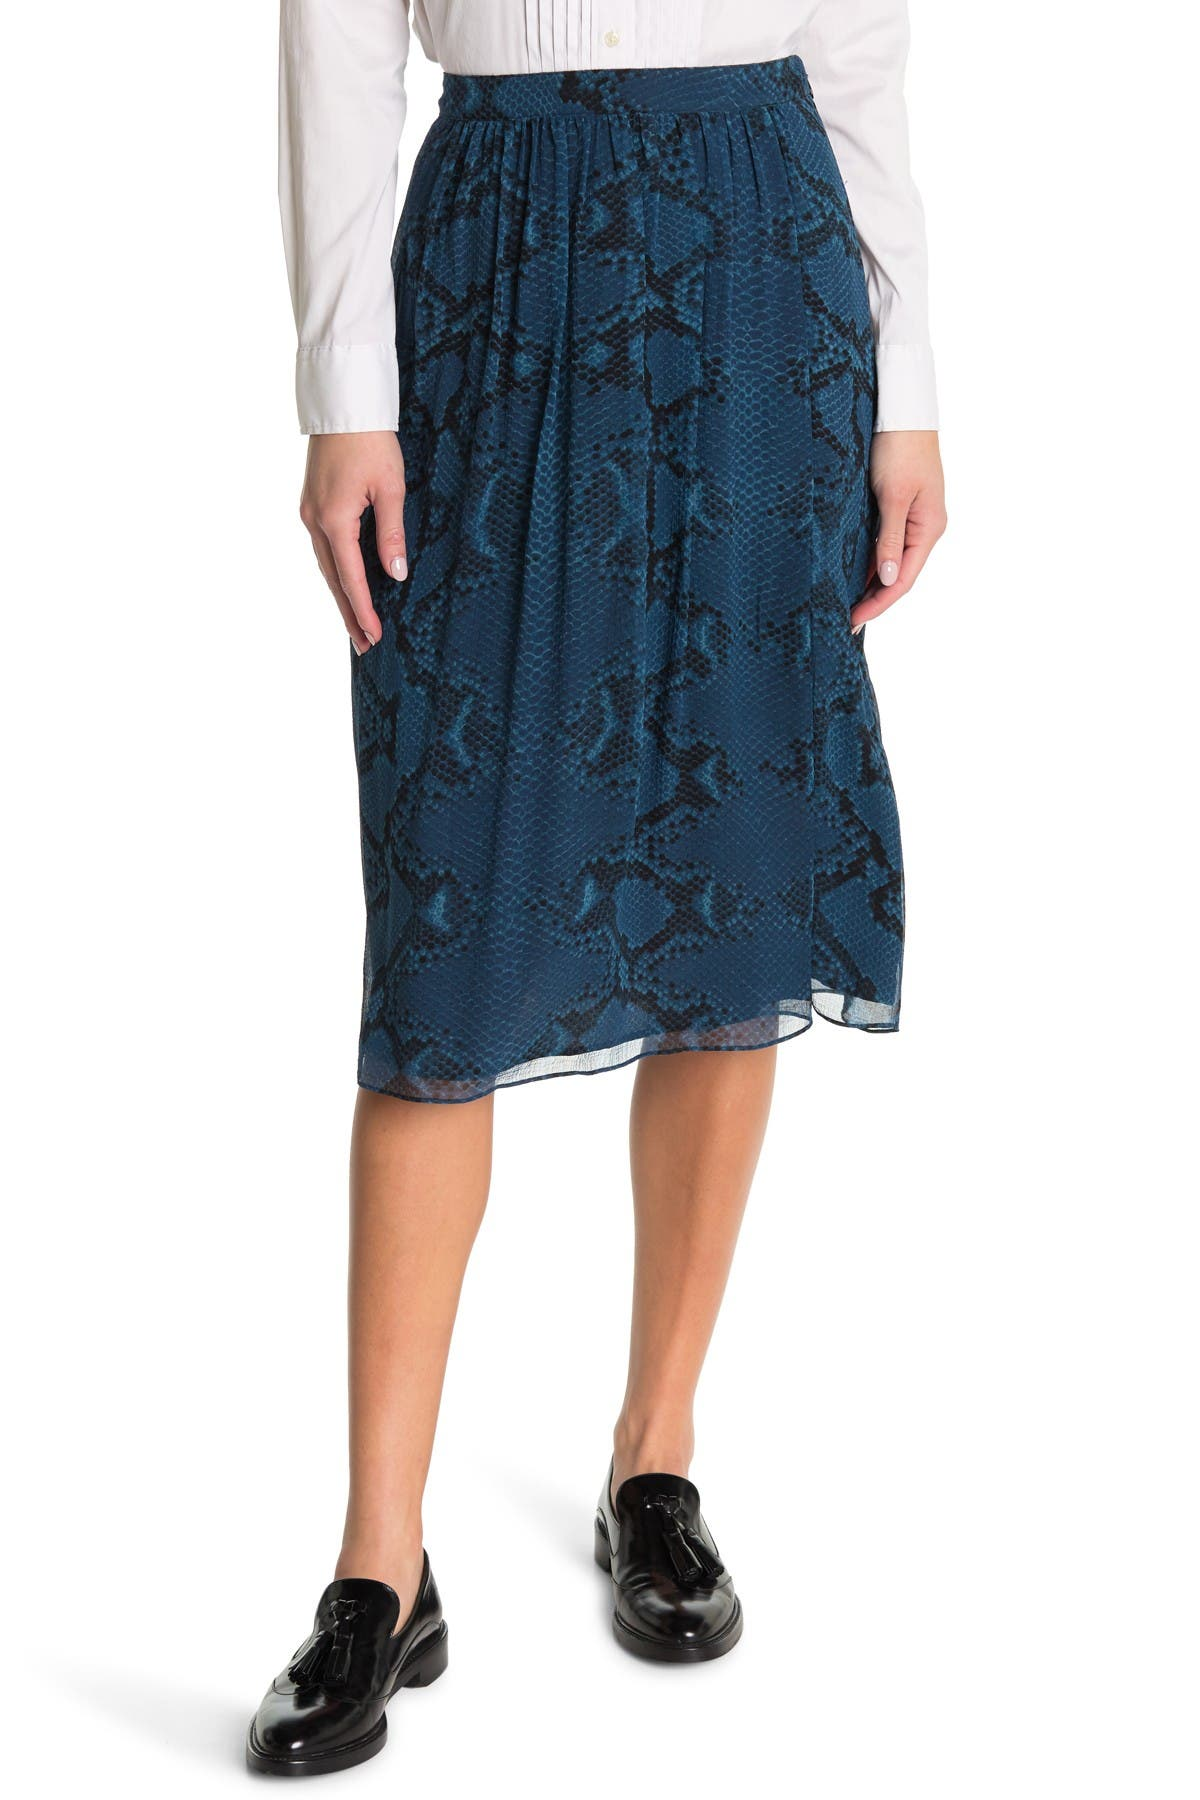 Image of Burberry Snake Embossed Skirt